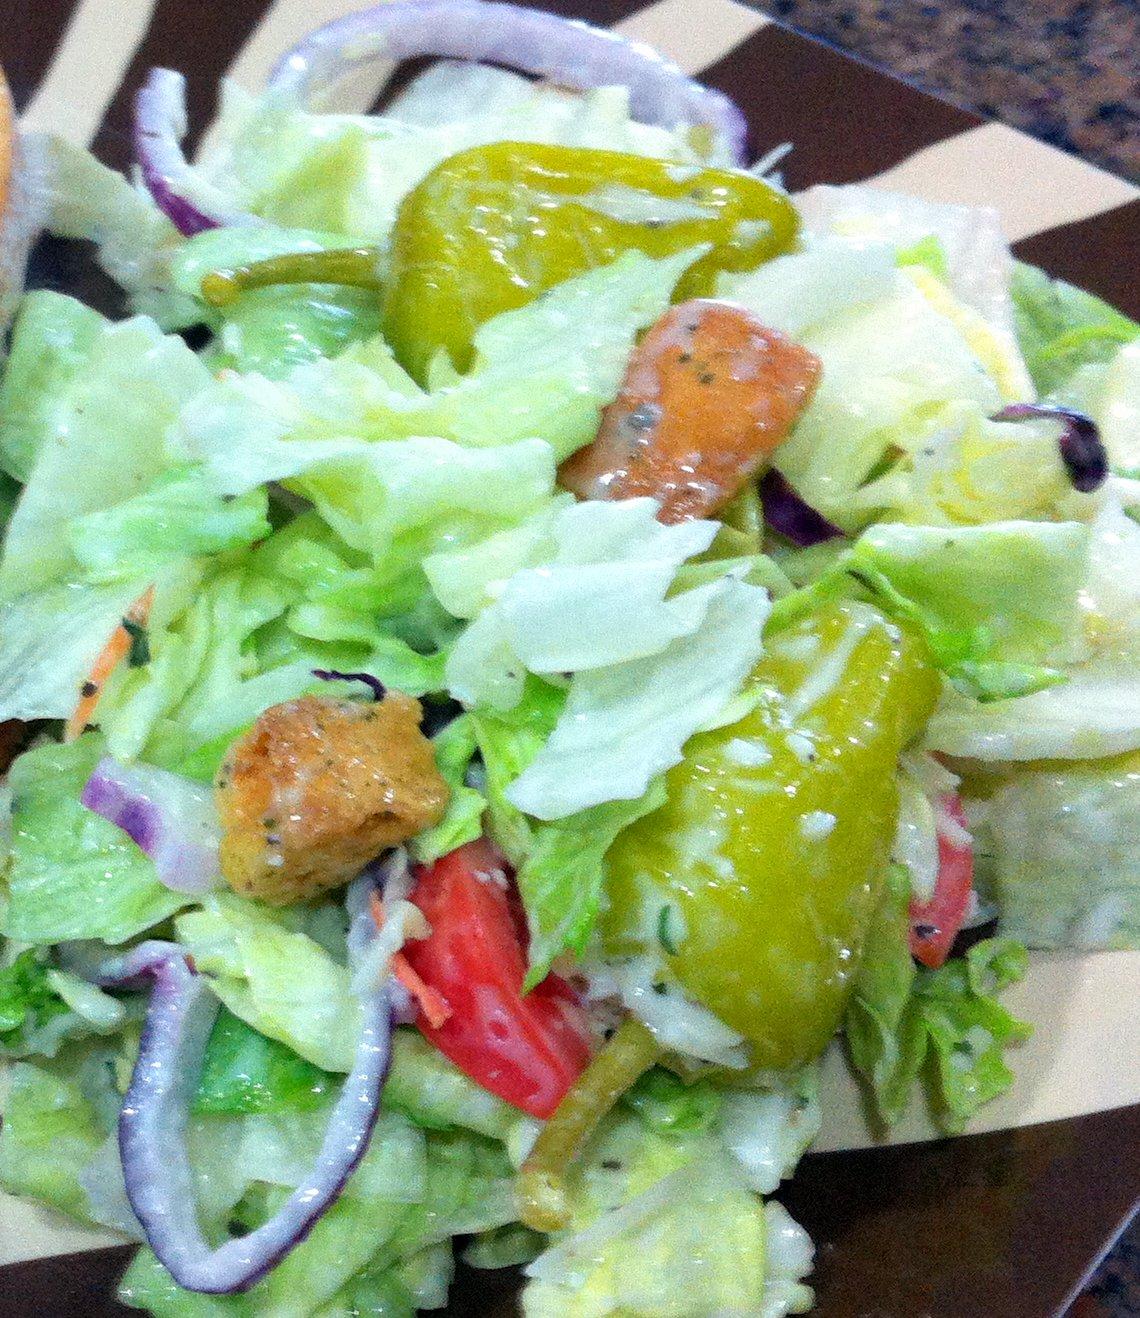 The lewis family copycat olive garden salad for Olive garden salad dressing recipe secret